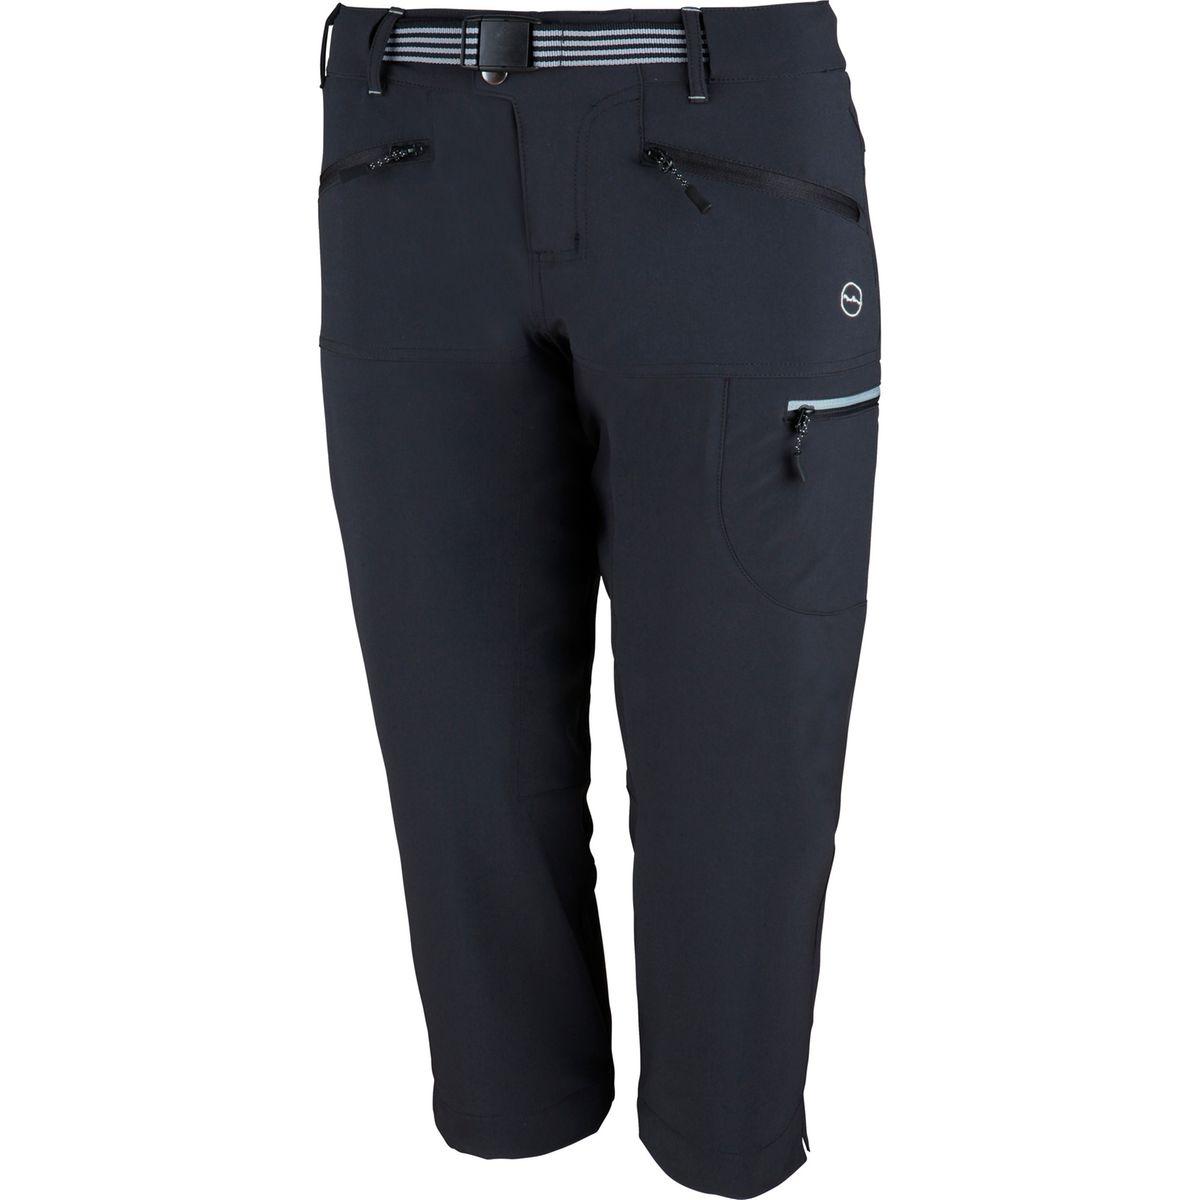 Monte - Shorts Femme - noir